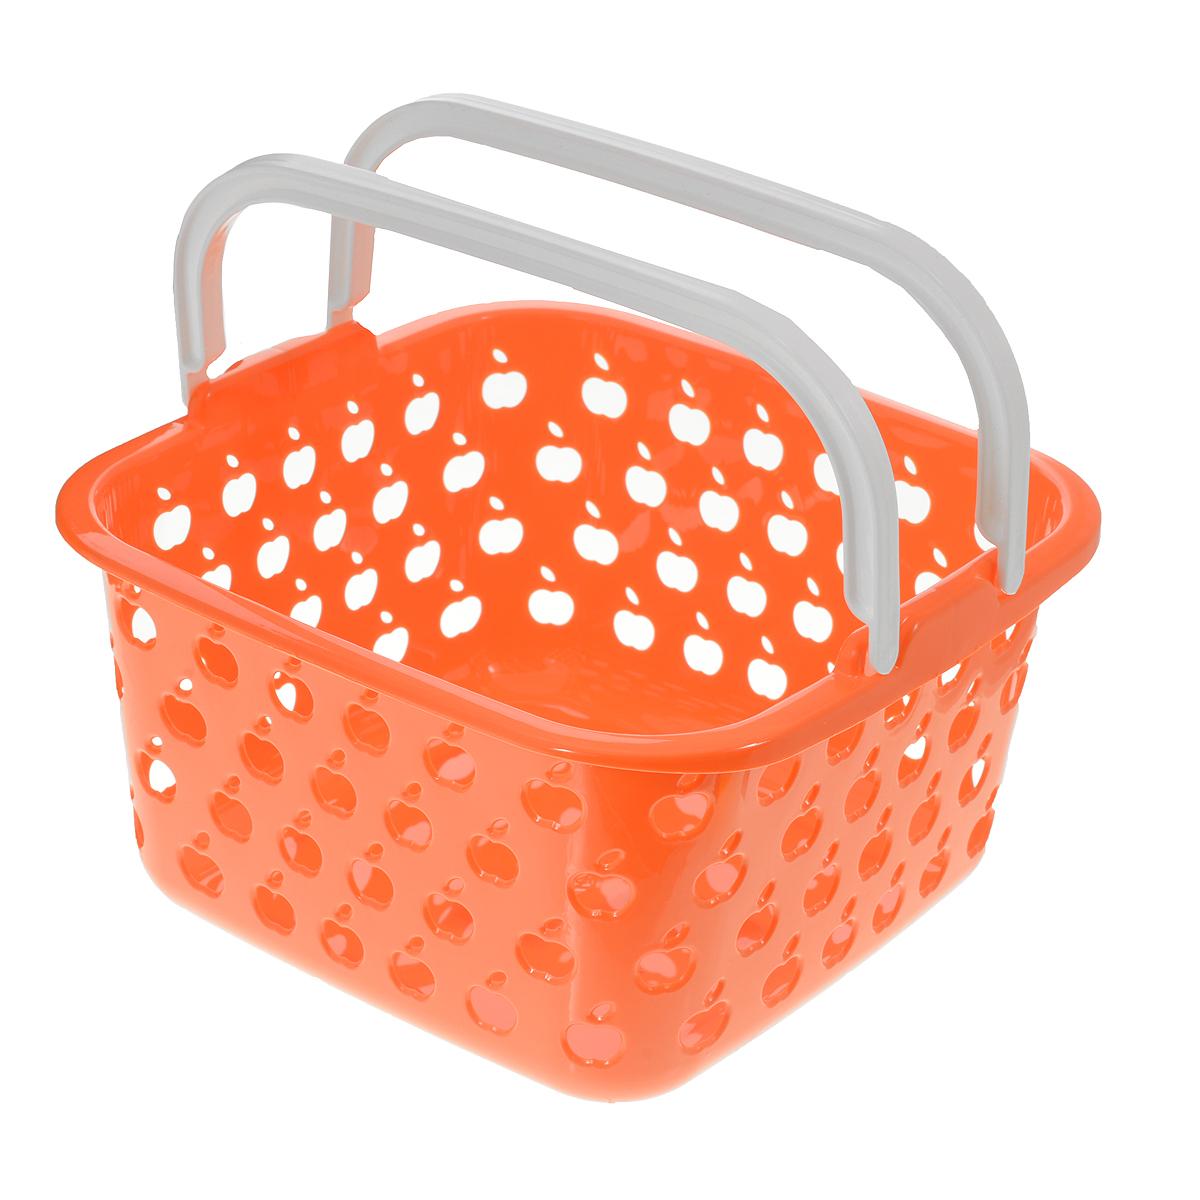 Корзина Полимербыт Стайл, цвет: оранжевый, 4 лVT-1520(SR)Квадратная корзина Полимербыт Стайл изготовлена из высококачественного цветного пластика и декорирована перфорацией в виде яблок. Она предназначена для хранения различных мелочей дома или на даче. Для удобства переноски имеется специальная ручка. Позволяет хранить мелкие вещи, исключая возможность их потери. Корзина очень вместительная. Элегантный выдержанный дизайн позволяет органично вписаться в ваш интерьер и стать его элементом.